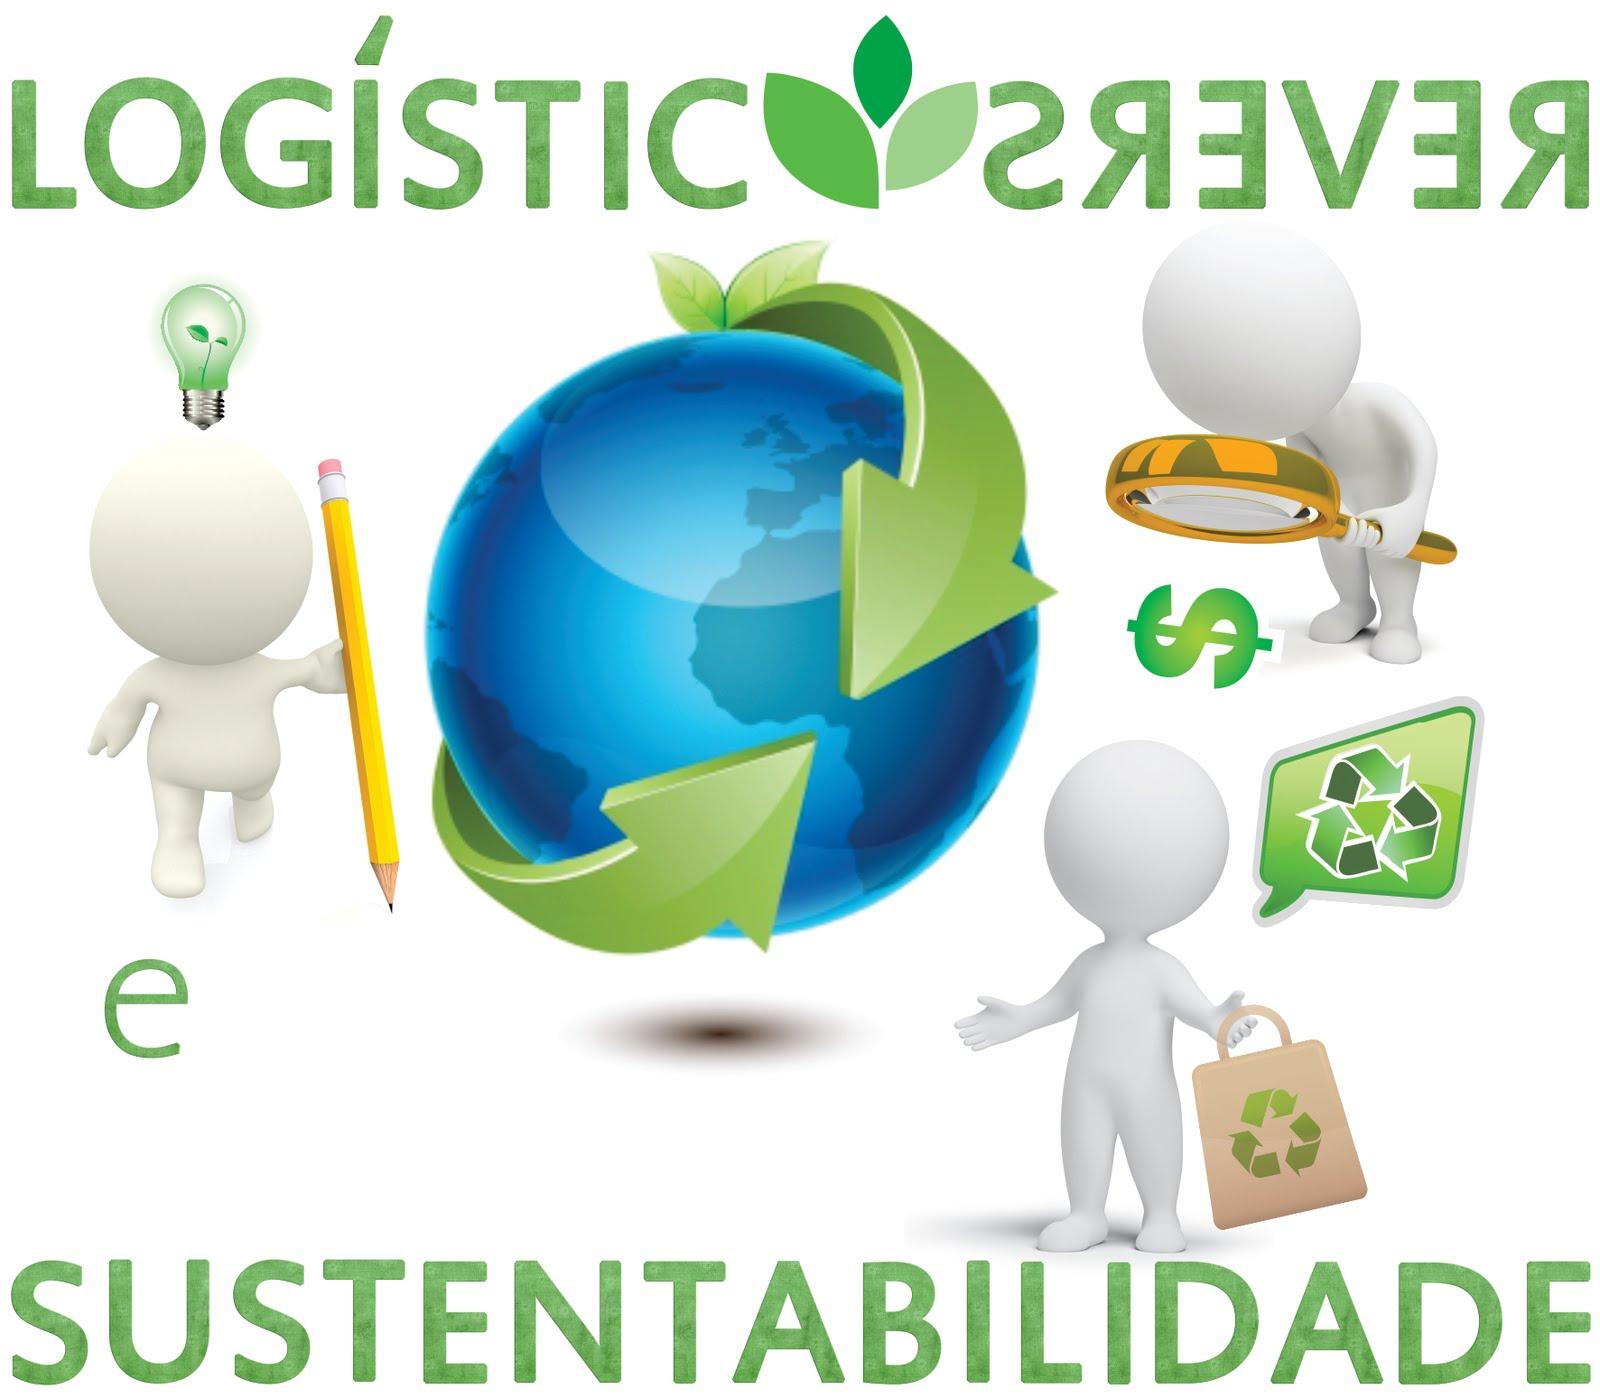 Blog Logística Reversa e Sustentabilidade: Aniversário de